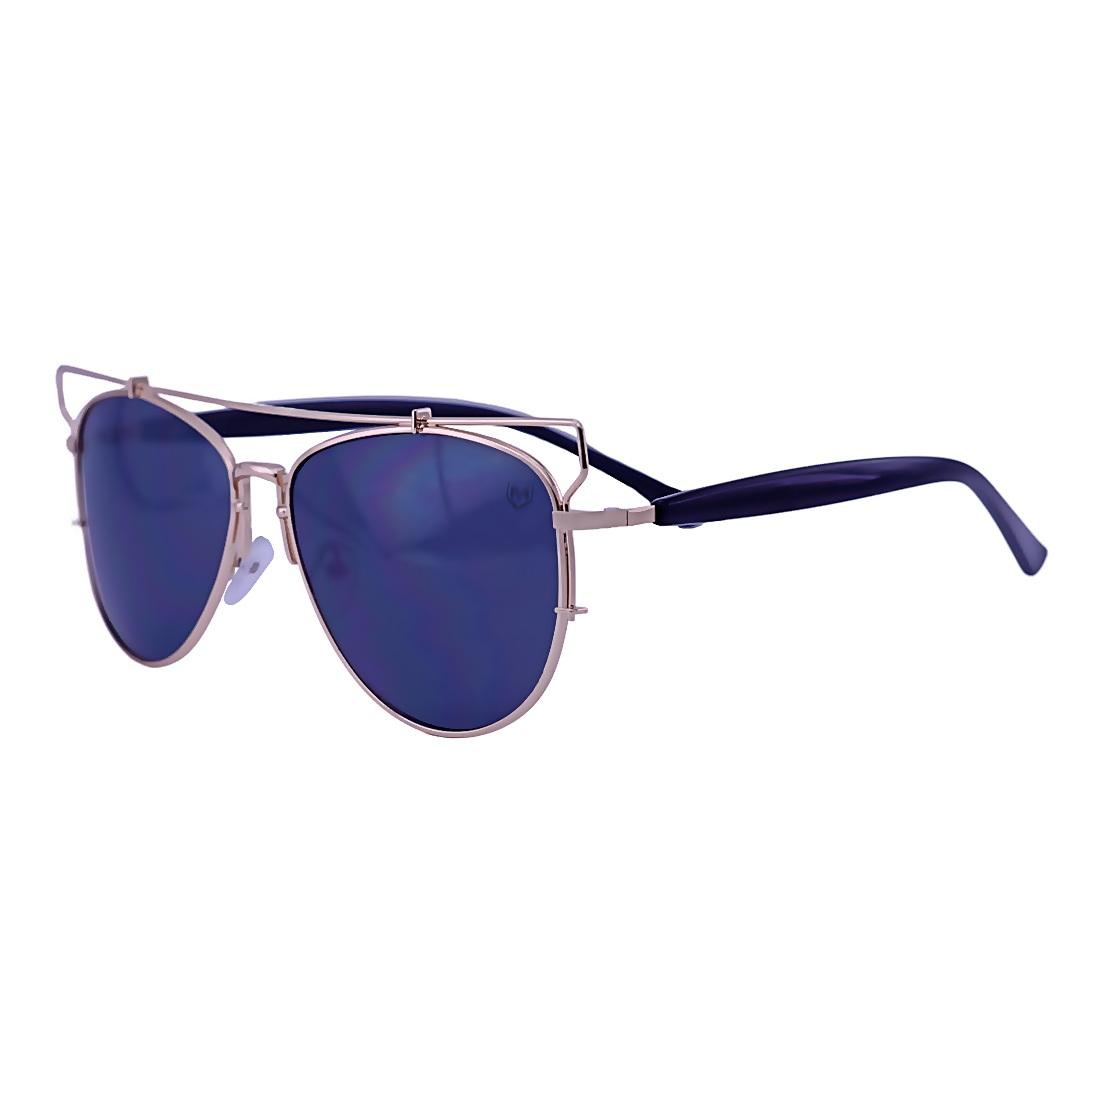 Óculos de Sol Mackage Unissex Geometrico Aviator - Dourado/Preto